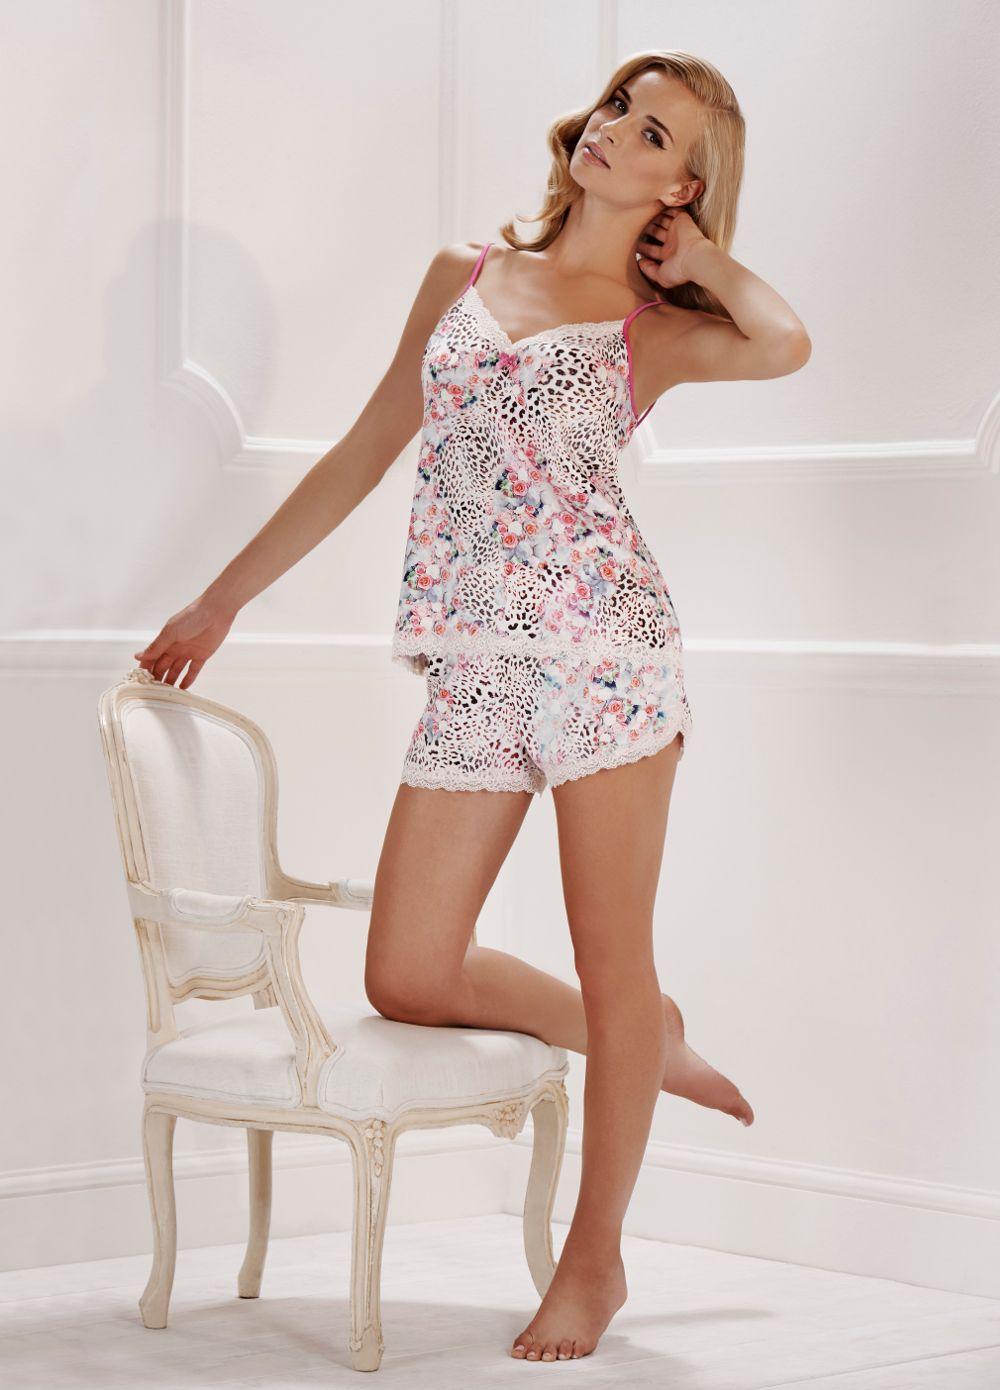 9e704897ec Découvrez des idées sur le thème Noeuds Roses. Julien Macdonald Leopard Allure  Satin Short Pyjama Set.